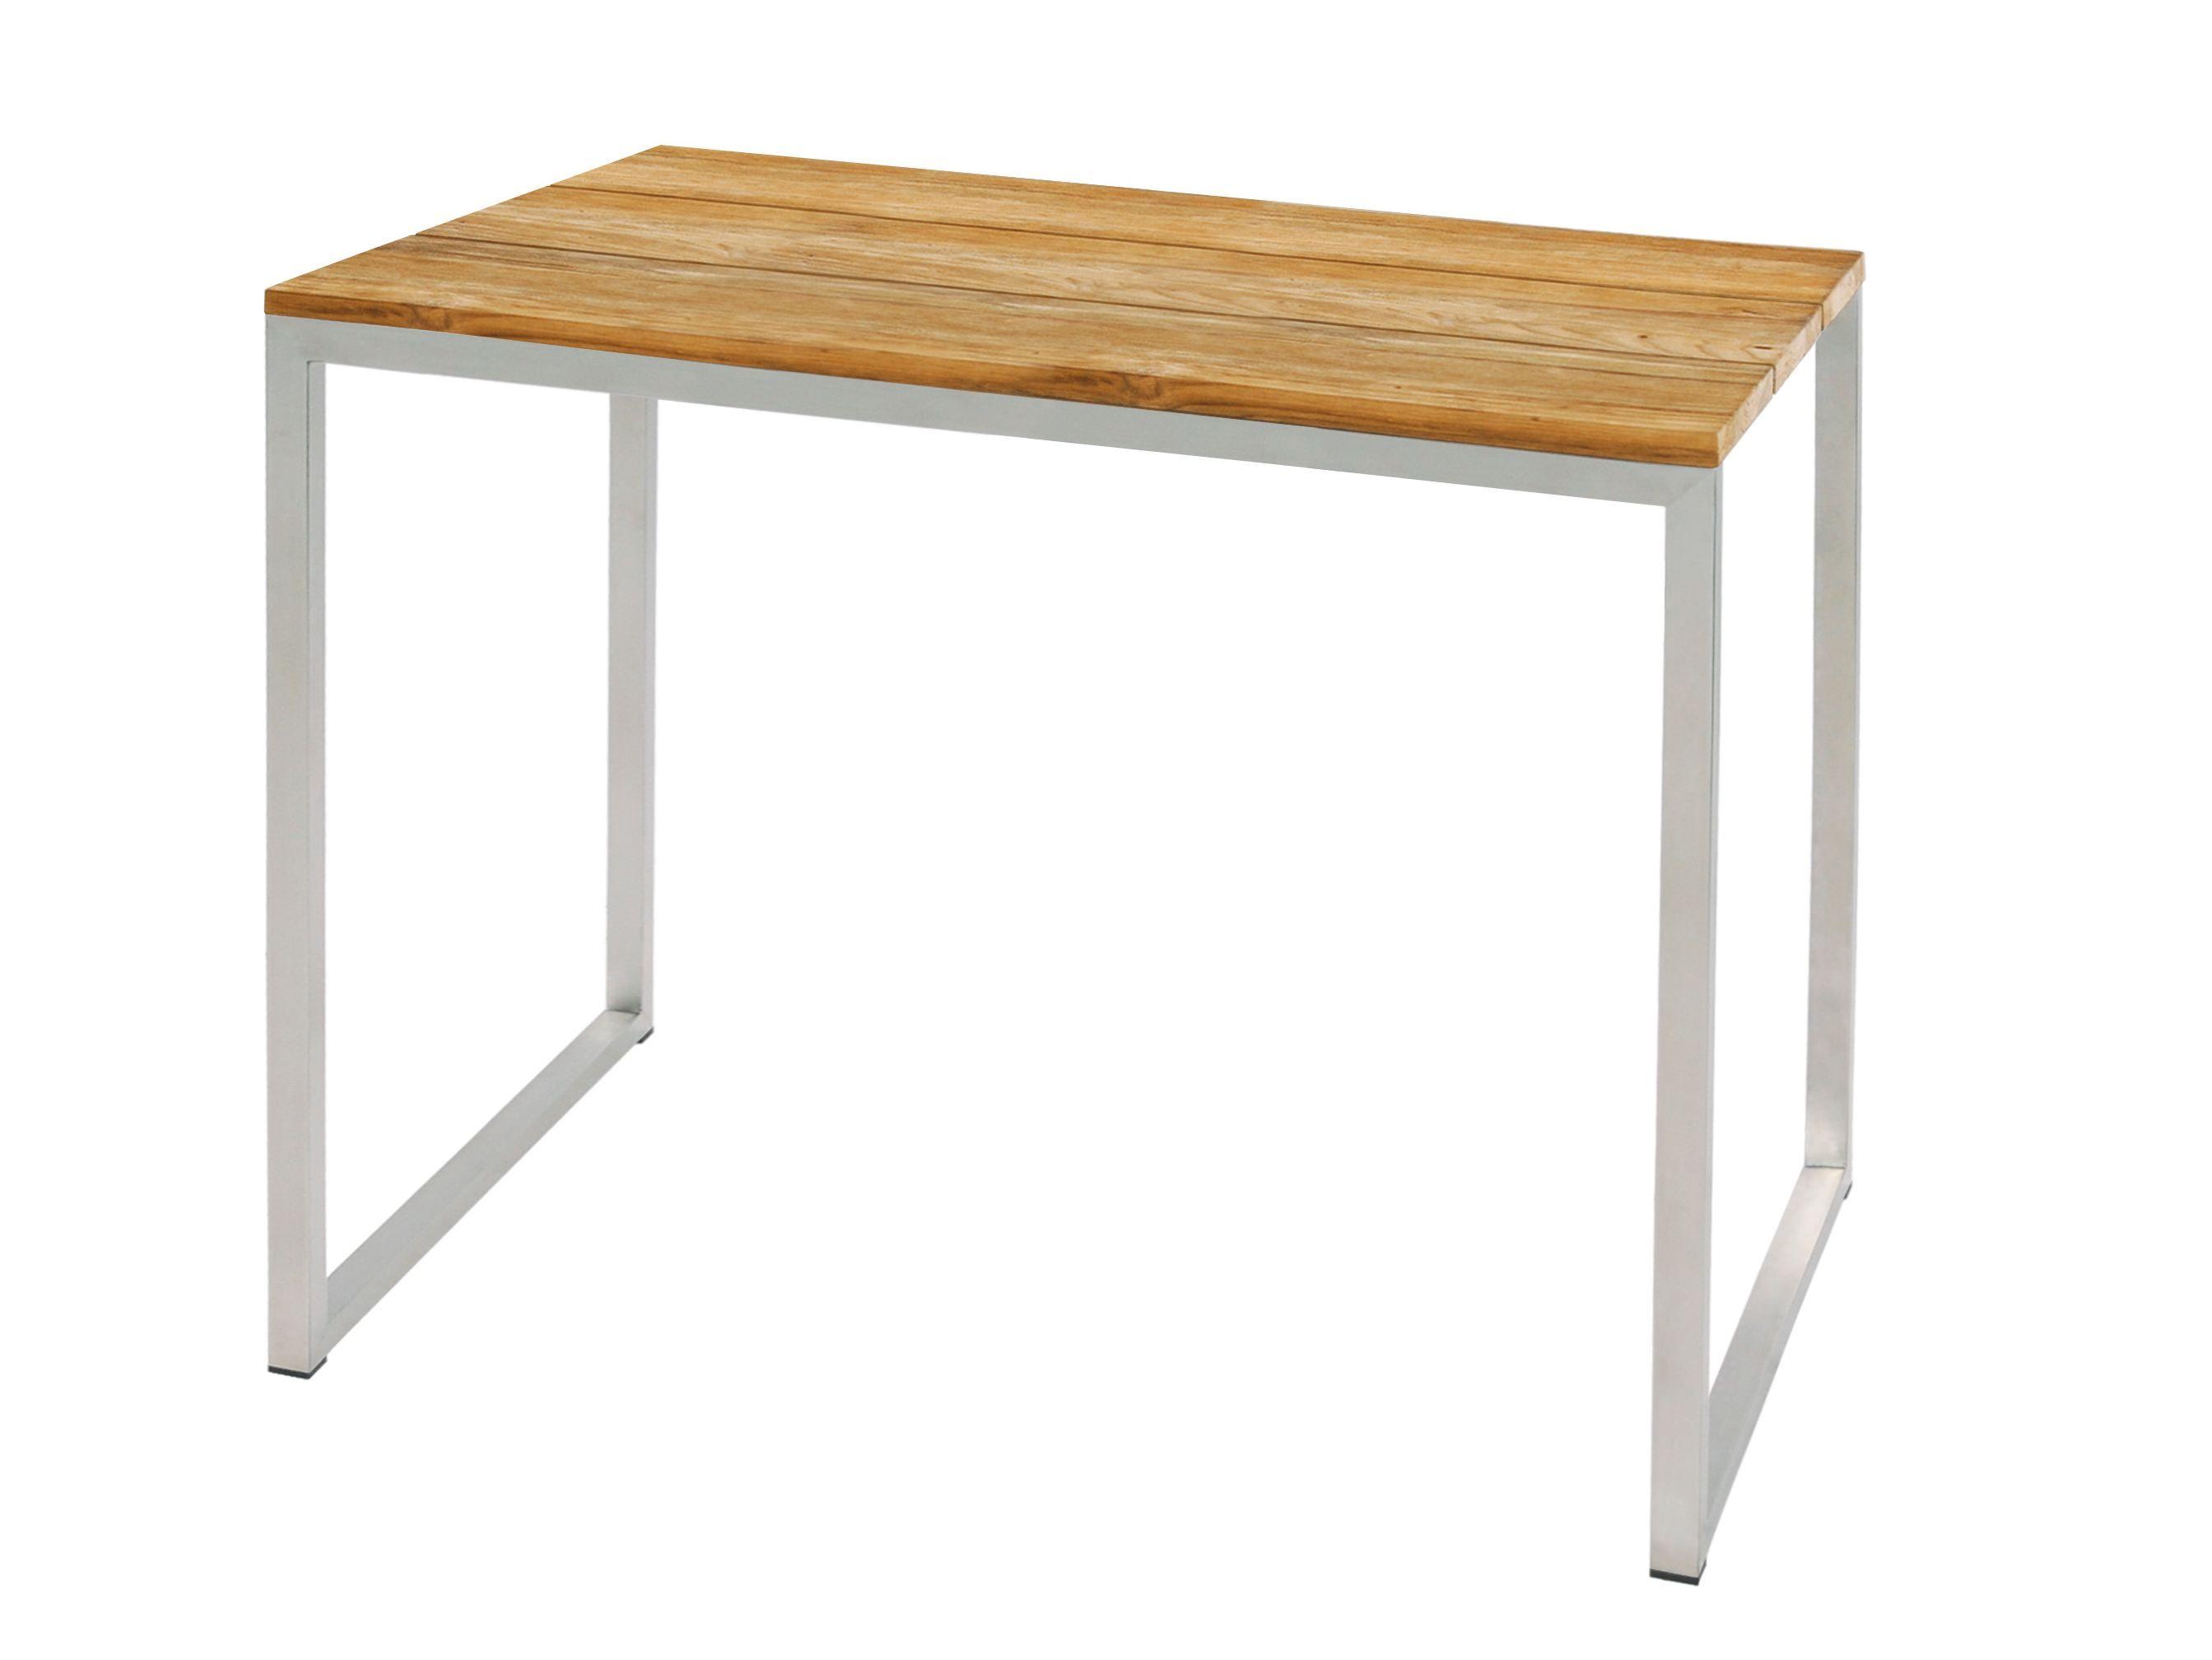 Oko mesa alta by mamagreen design vincent cantaert - Mesas de cocina altas ...